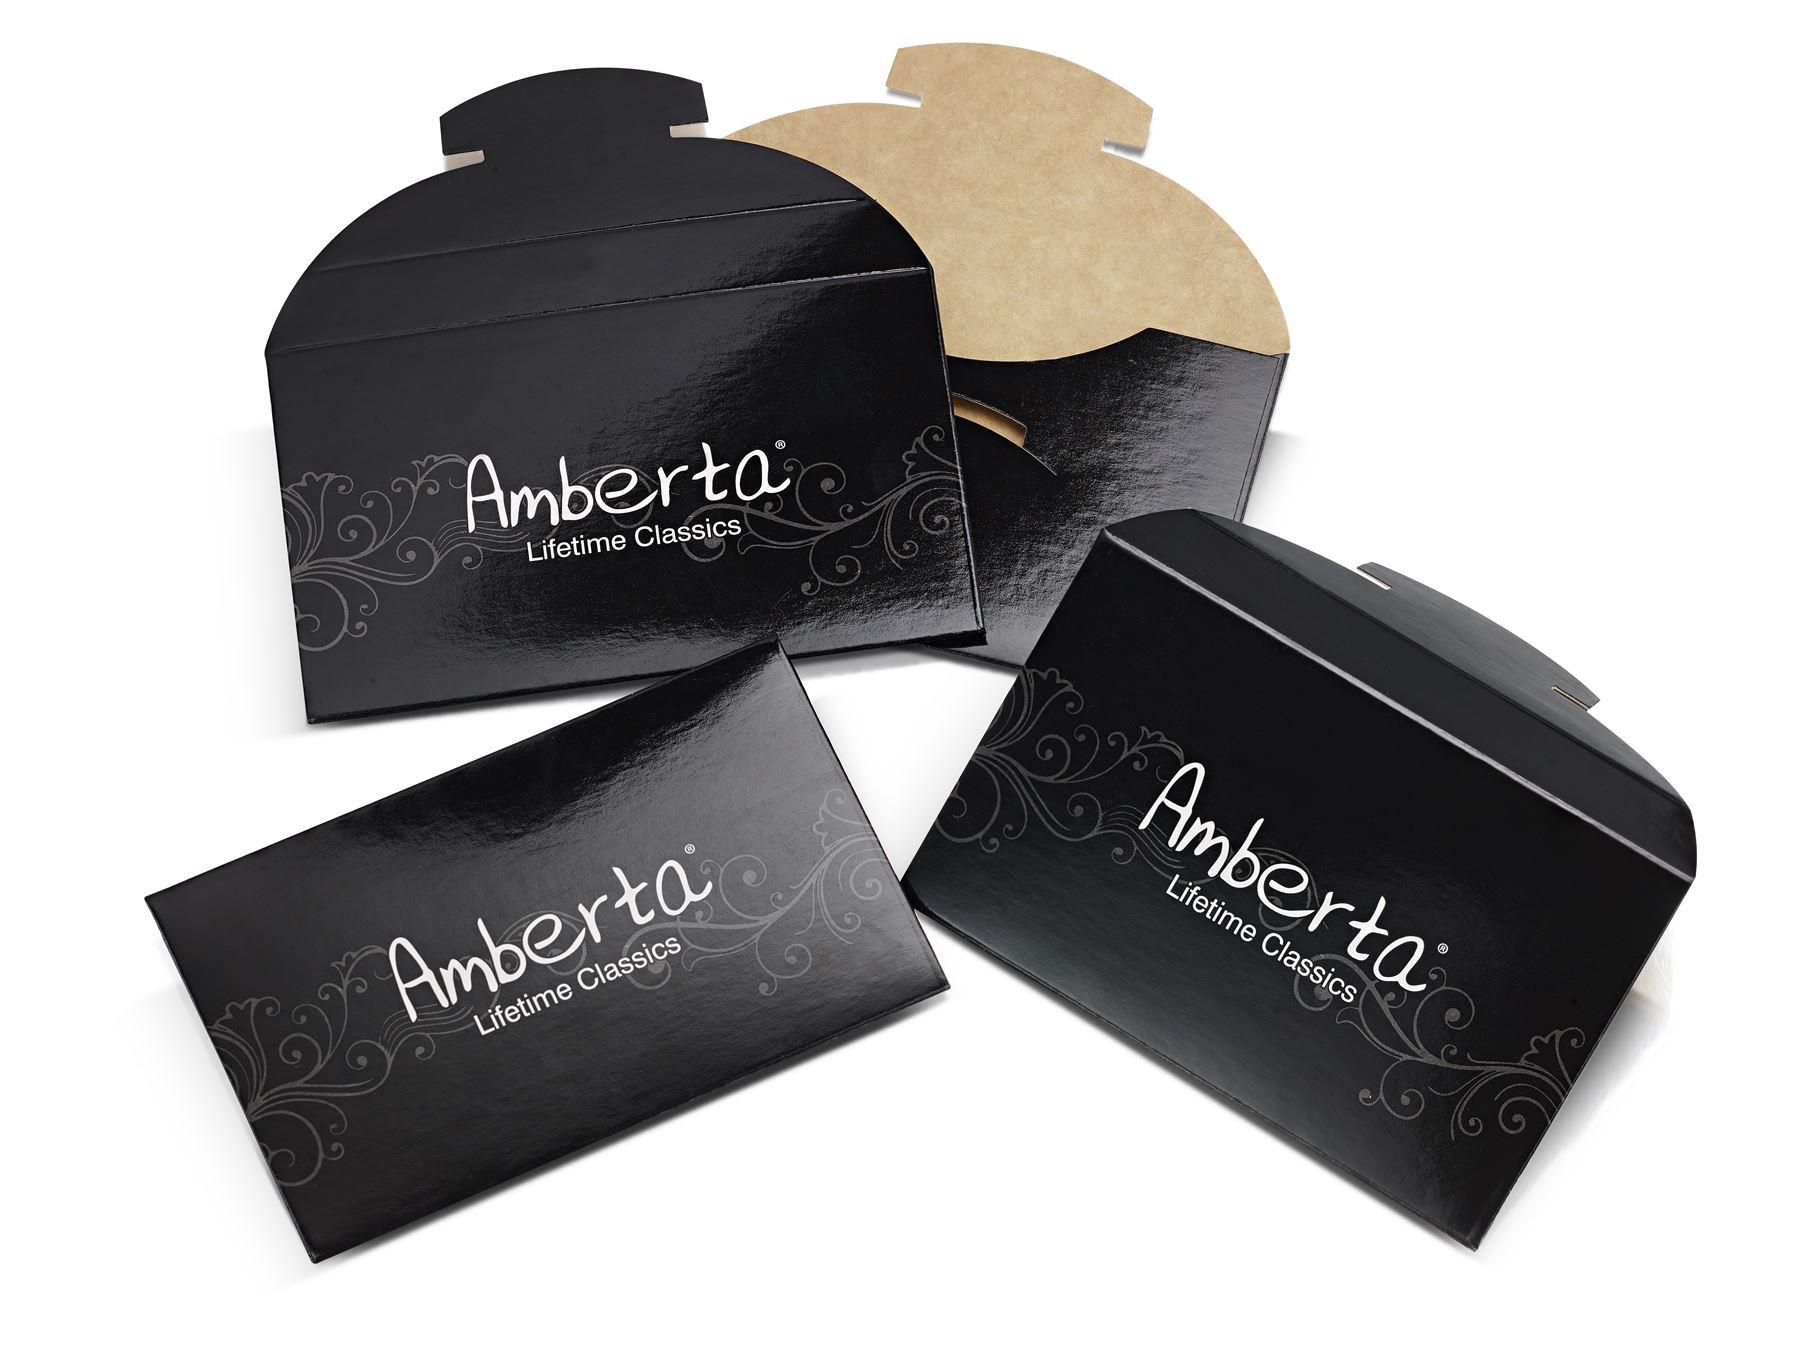 Amberta-Bijoux-Bracelet-en-Vrai-Argent-Sterling-925-Chaine-pour-Femme-a-la-Mode thumbnail 56